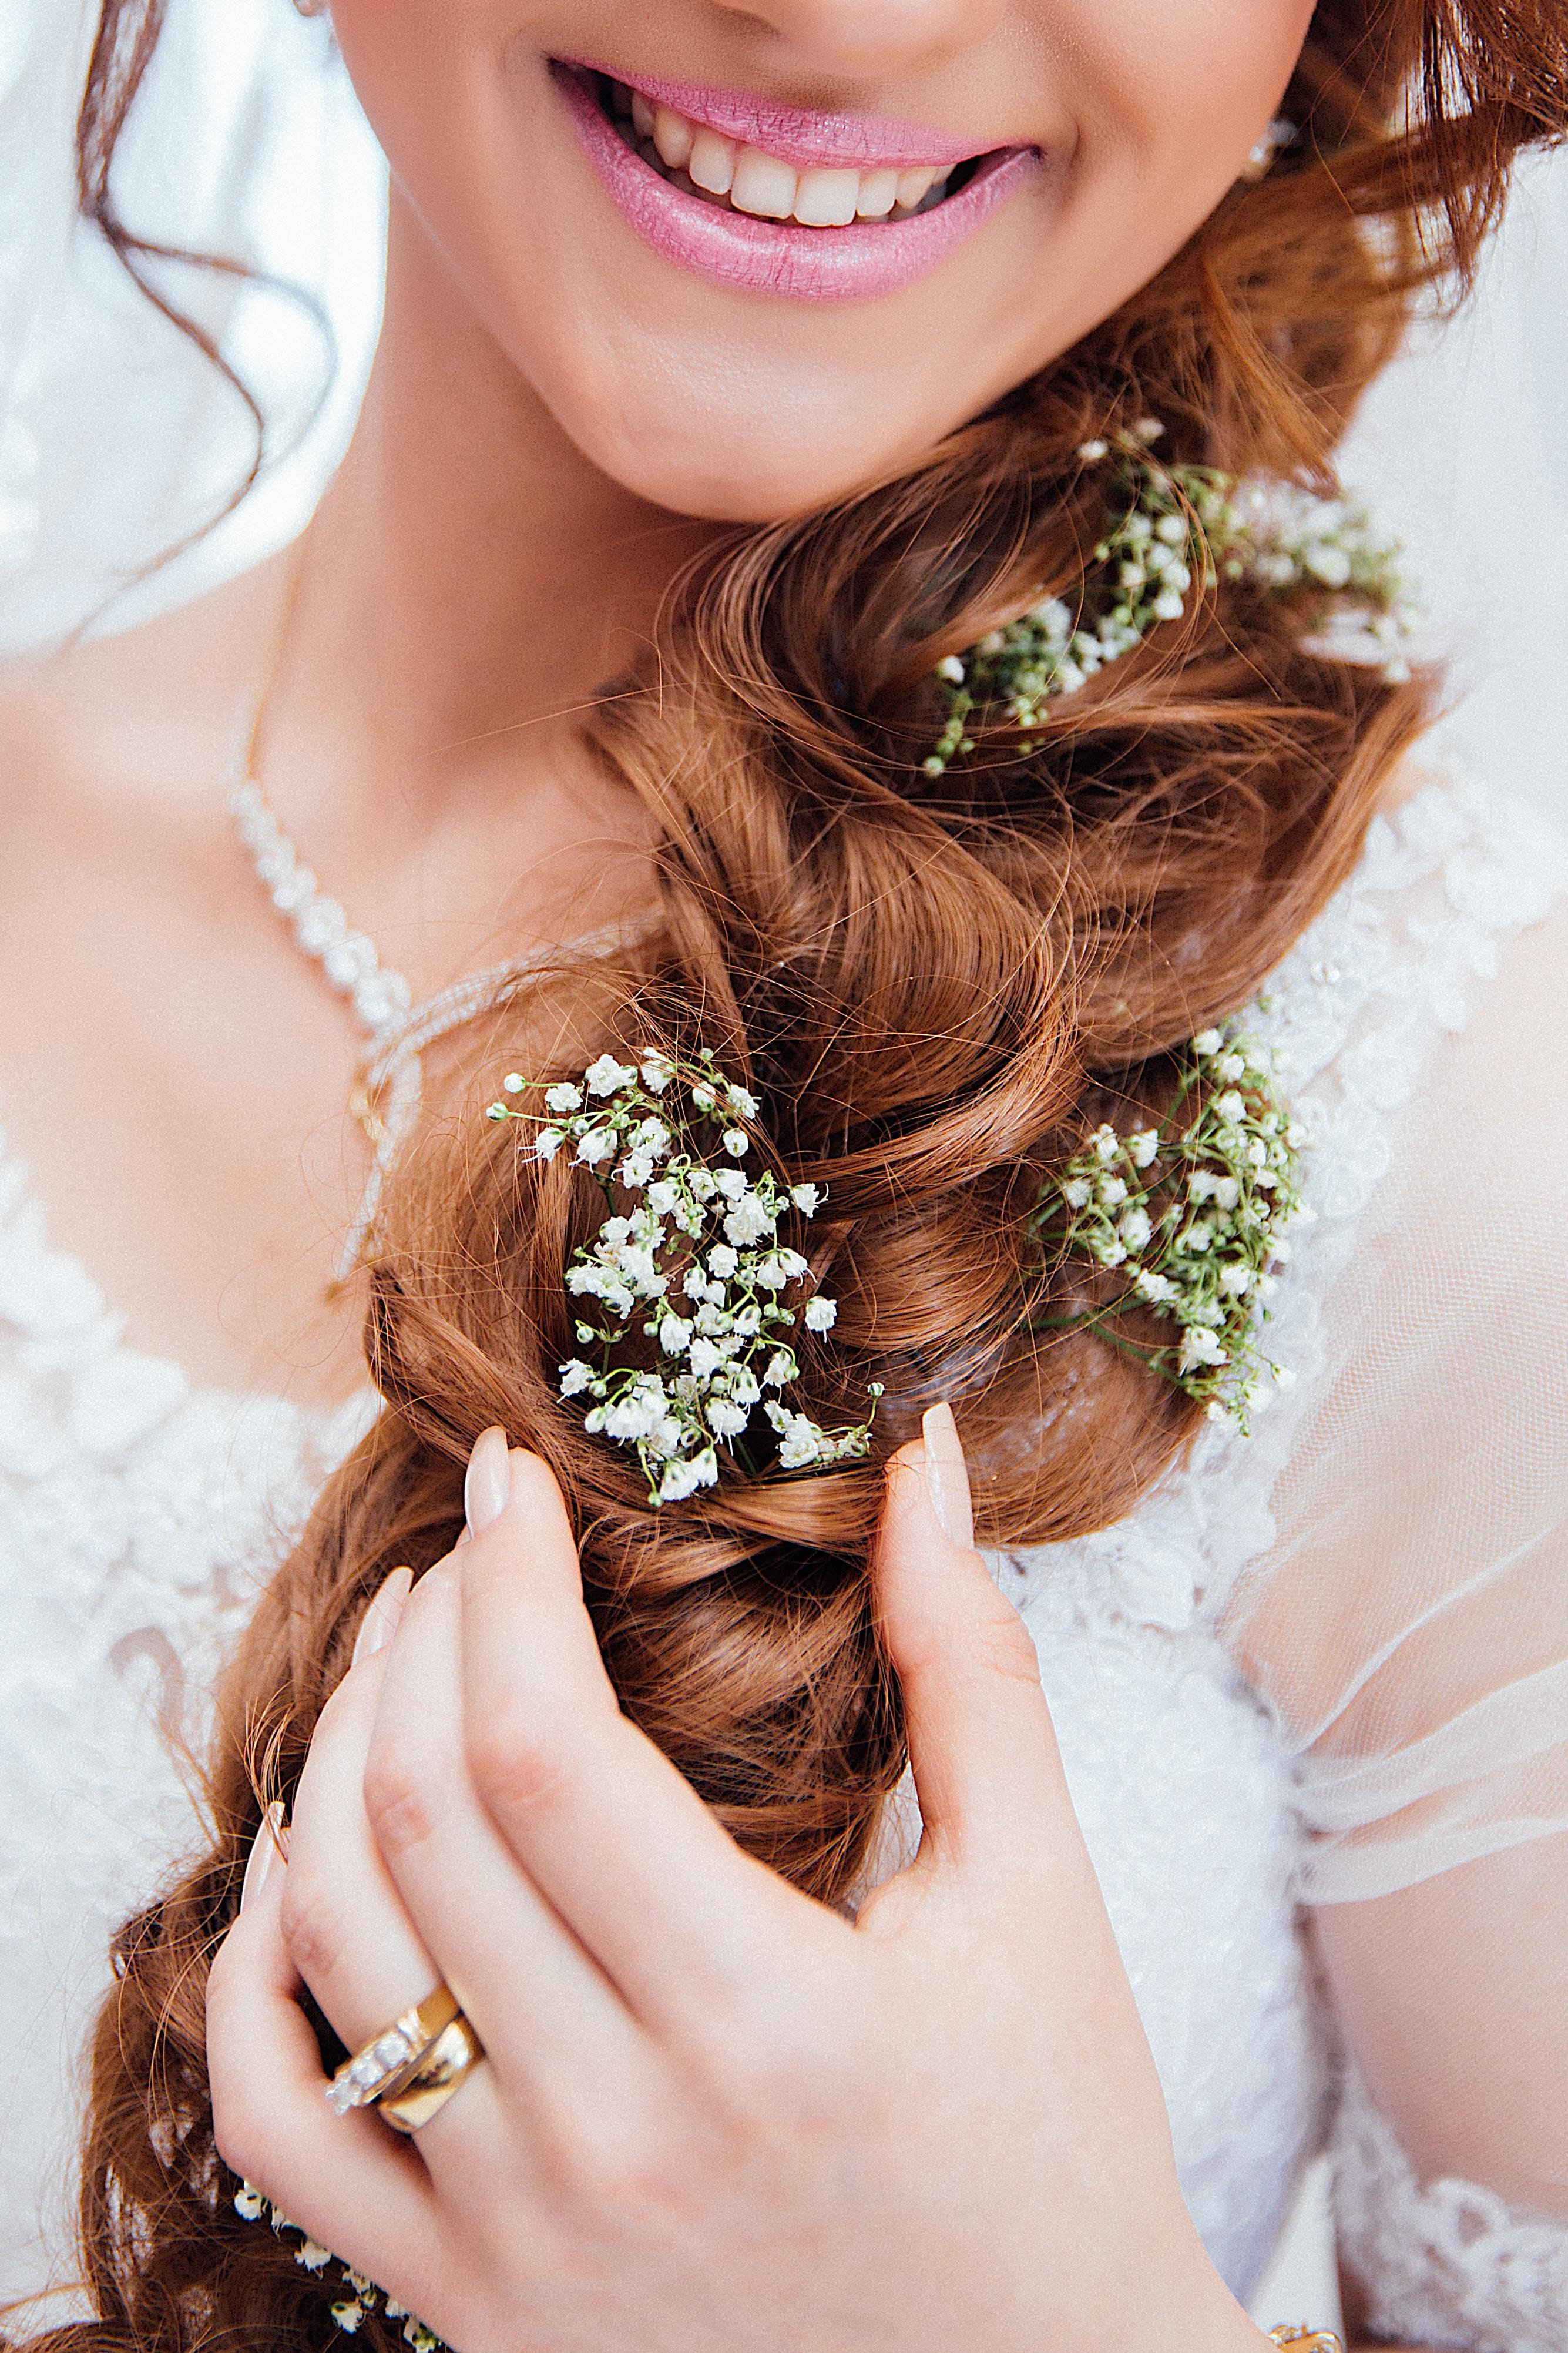 1b47ce17191a Quale donna non dedica un attenzione particolare alla propria acconciatura  da sposa  Una chioma perfetta così come il giusto make-up rappresentano  aspetti ...